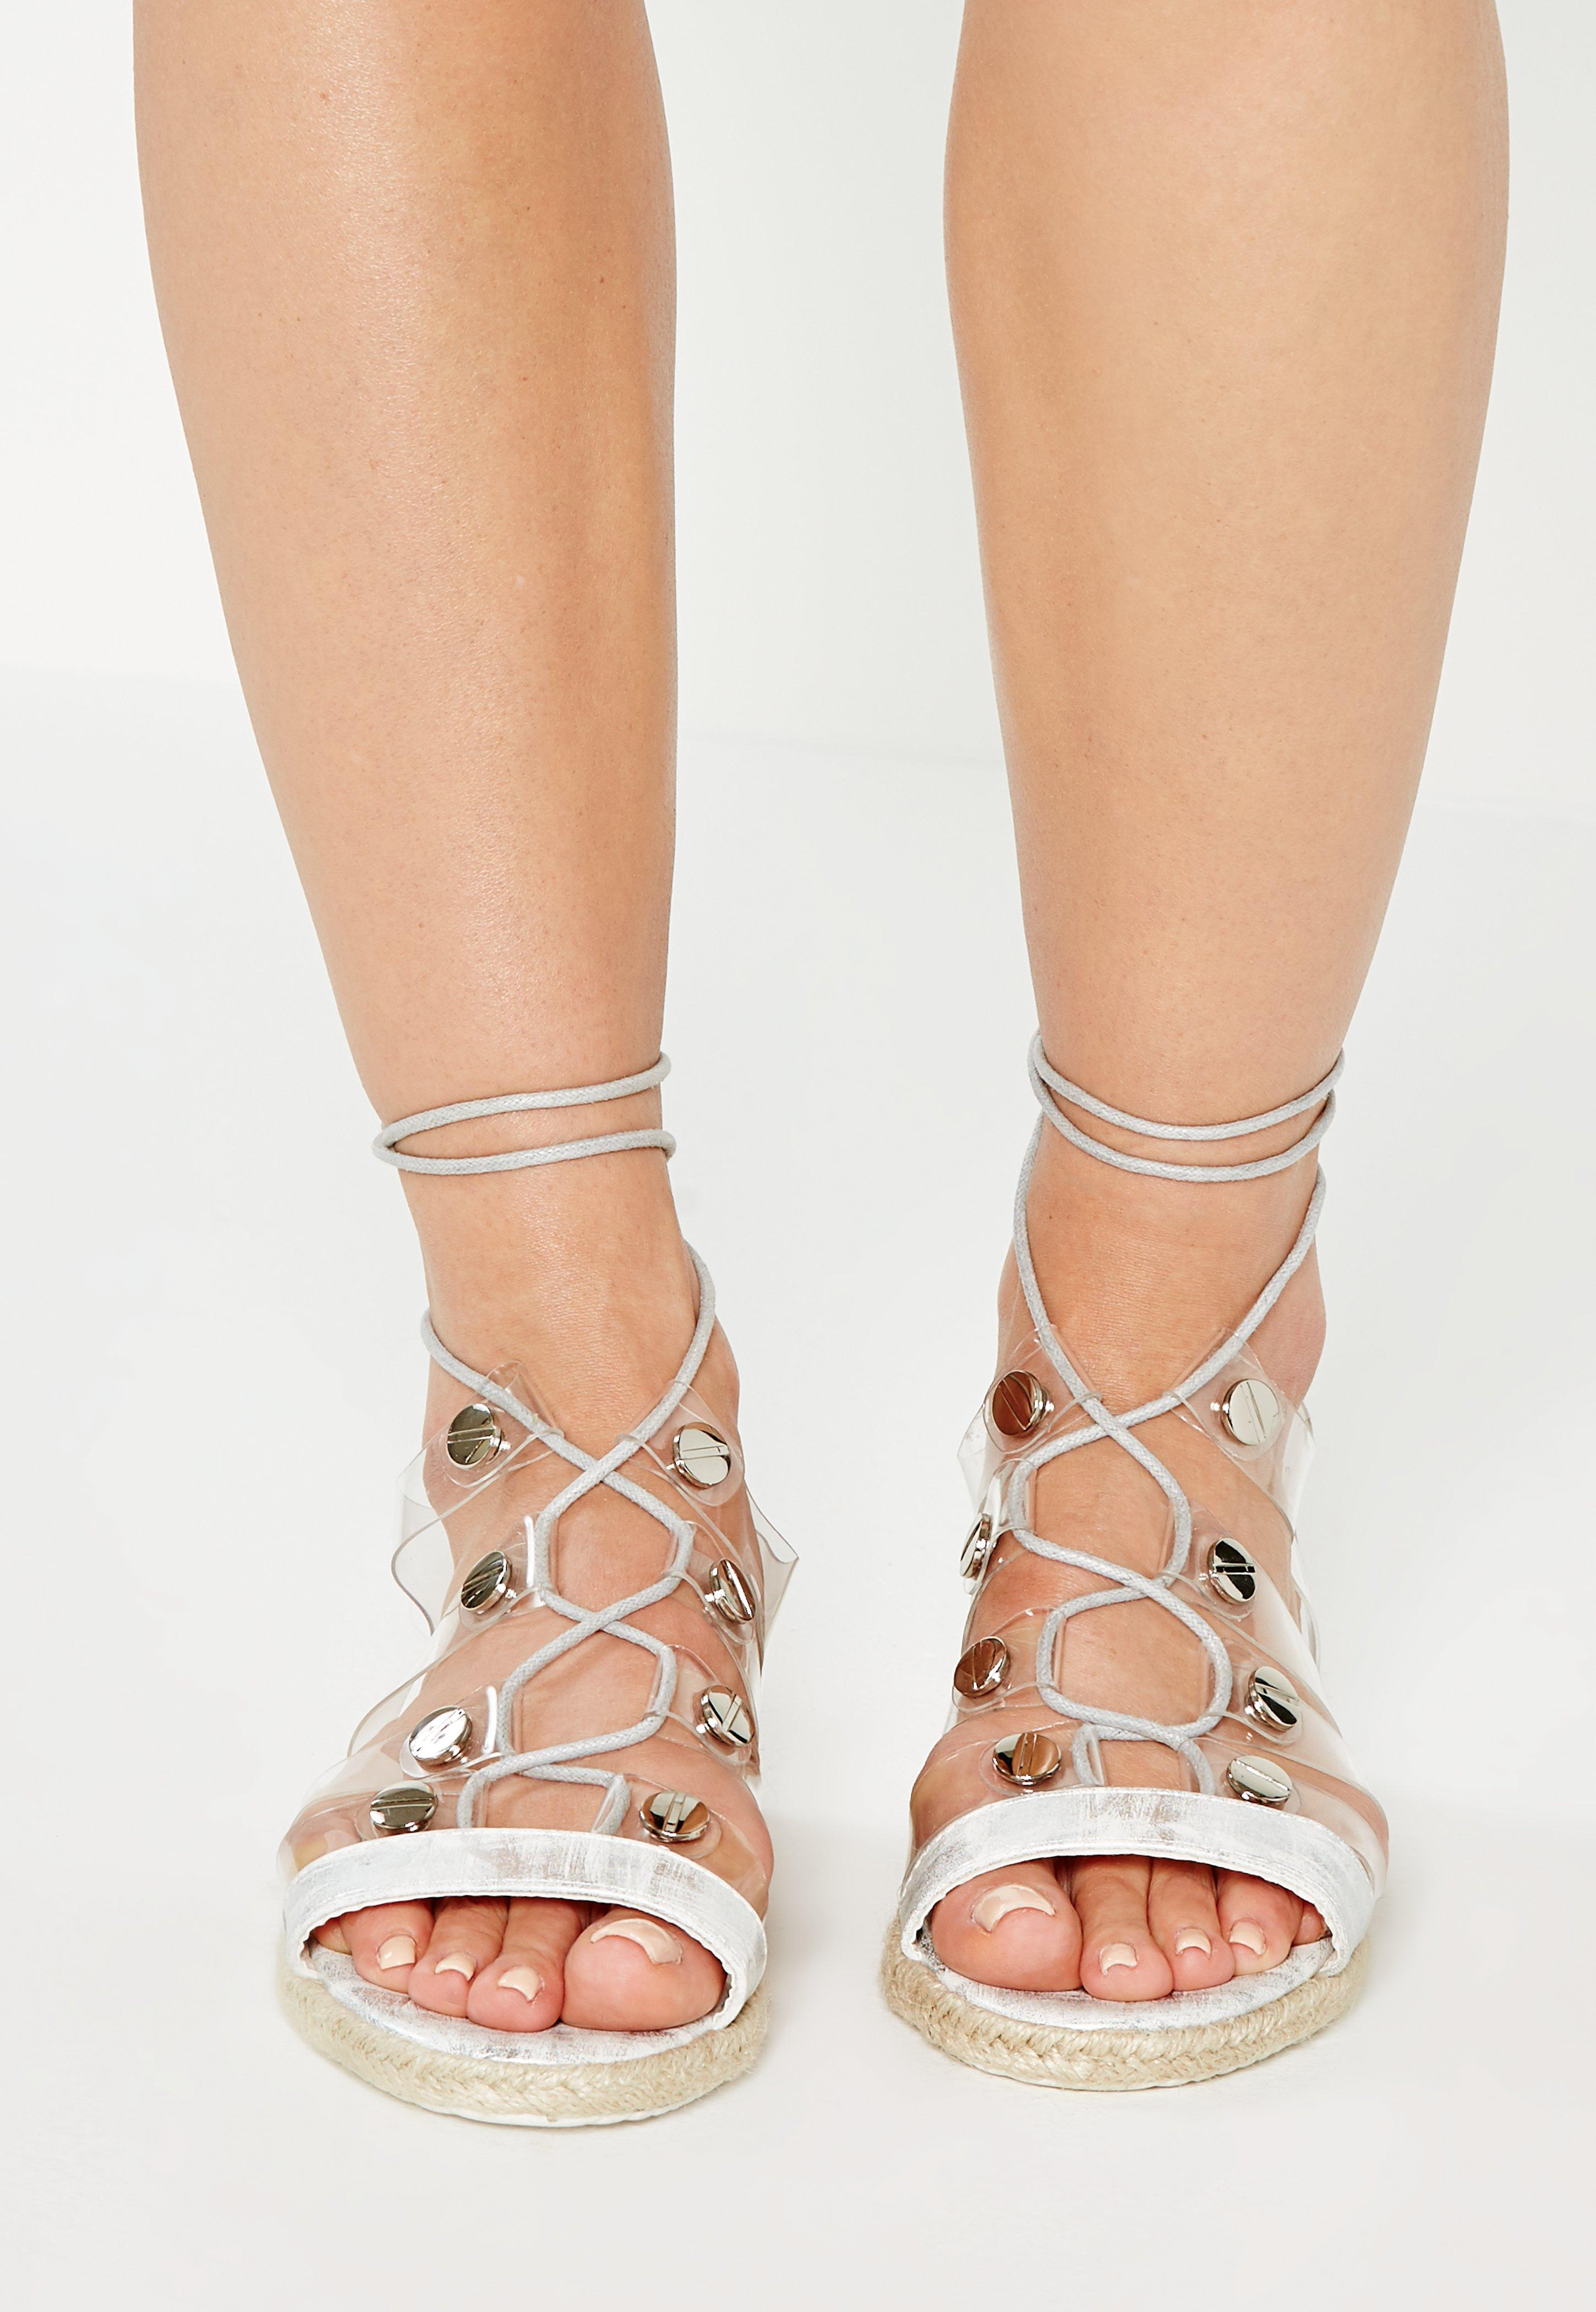 8c80bbc278a7 Lace Up Sandals   Tie Up Sandals Online